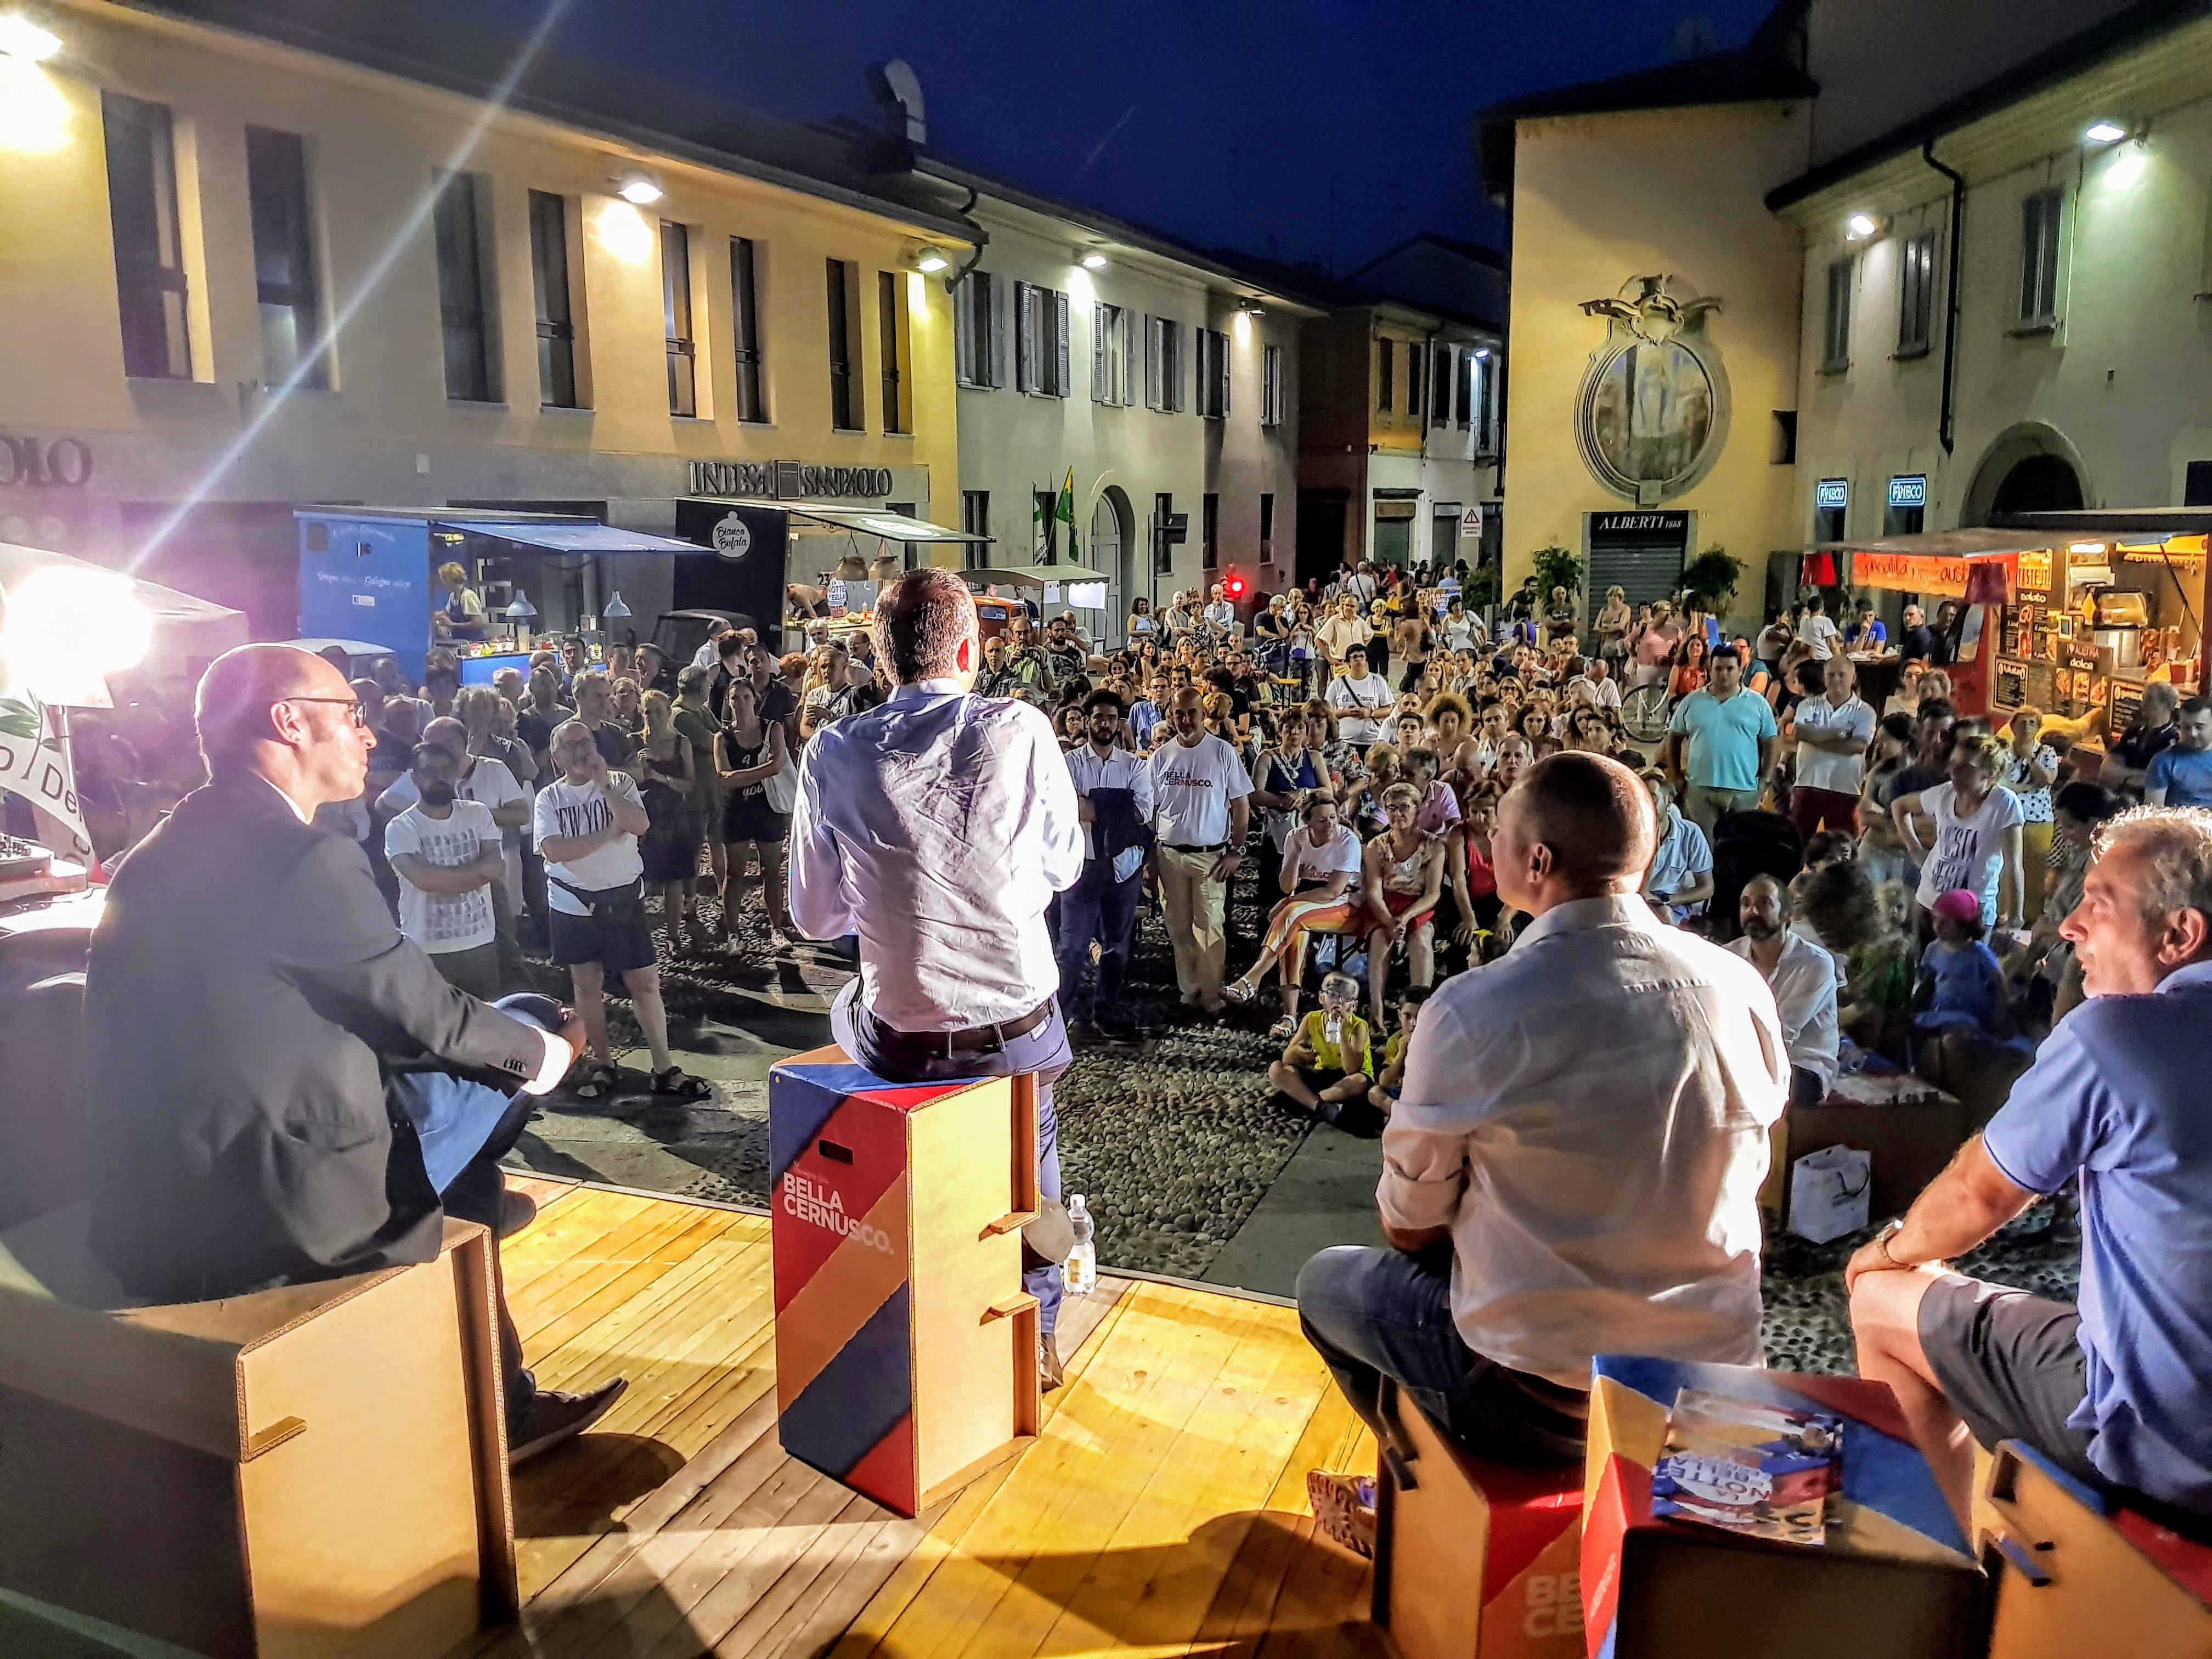 Il mio ultimo discorso da Sindaco alla città, in una piazza Matteotti piena per la serata finale della campagna elettorale per il ballottaggio di Ermanno Zacchetti